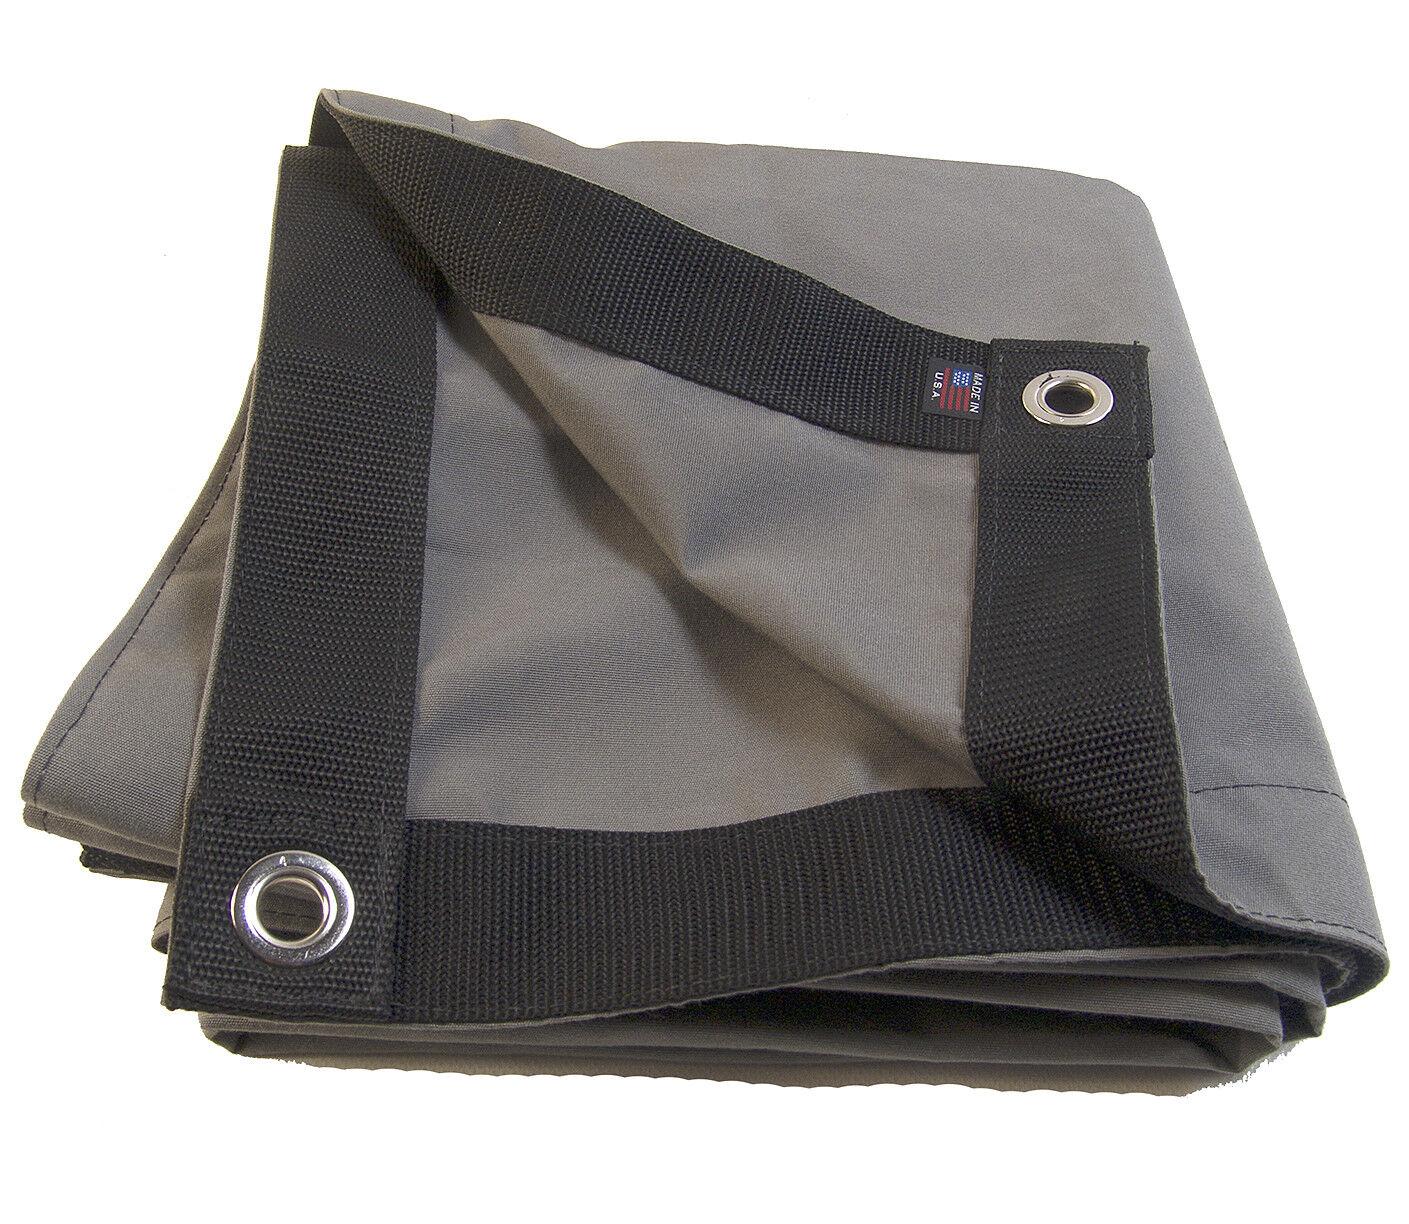 Sunbrella Lona, gris carbón   6044 con  4 Ojales, 9 16  laminado borde Espuela